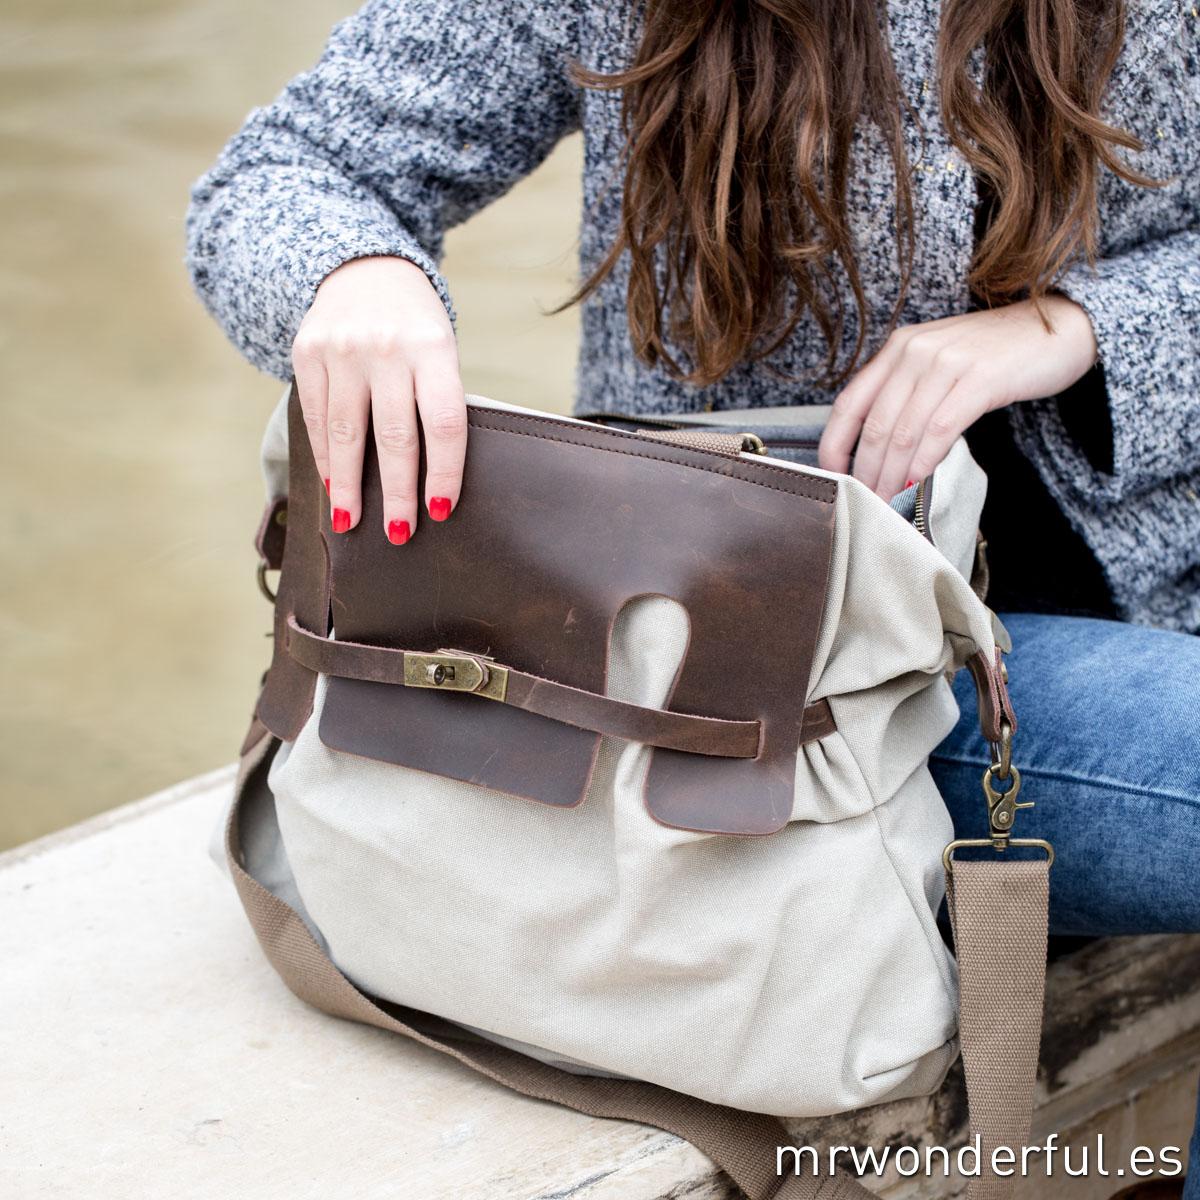 mrwonderful_bags_W2042-Beige-33-Editar